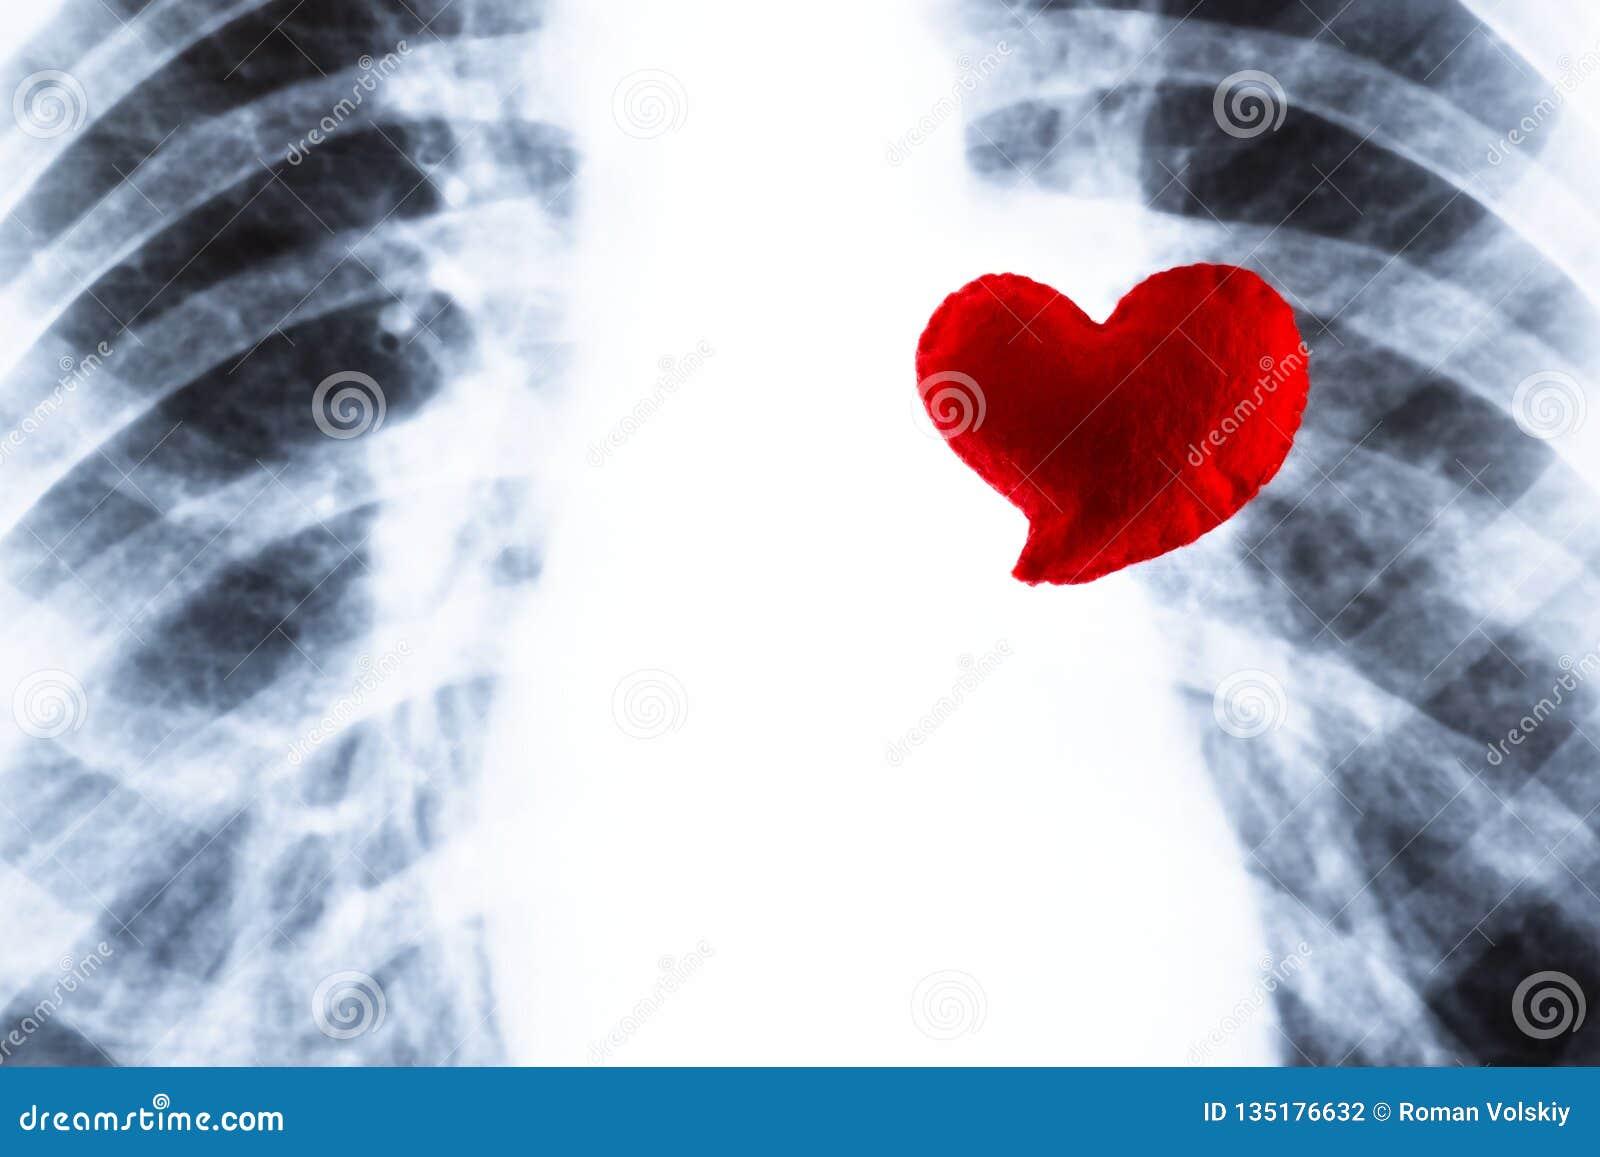 Rood hart op de achtergrond van borströntgenstraal Concept hartaanval, tuberculoseziekte Ontwerp op het thema van een phthisator